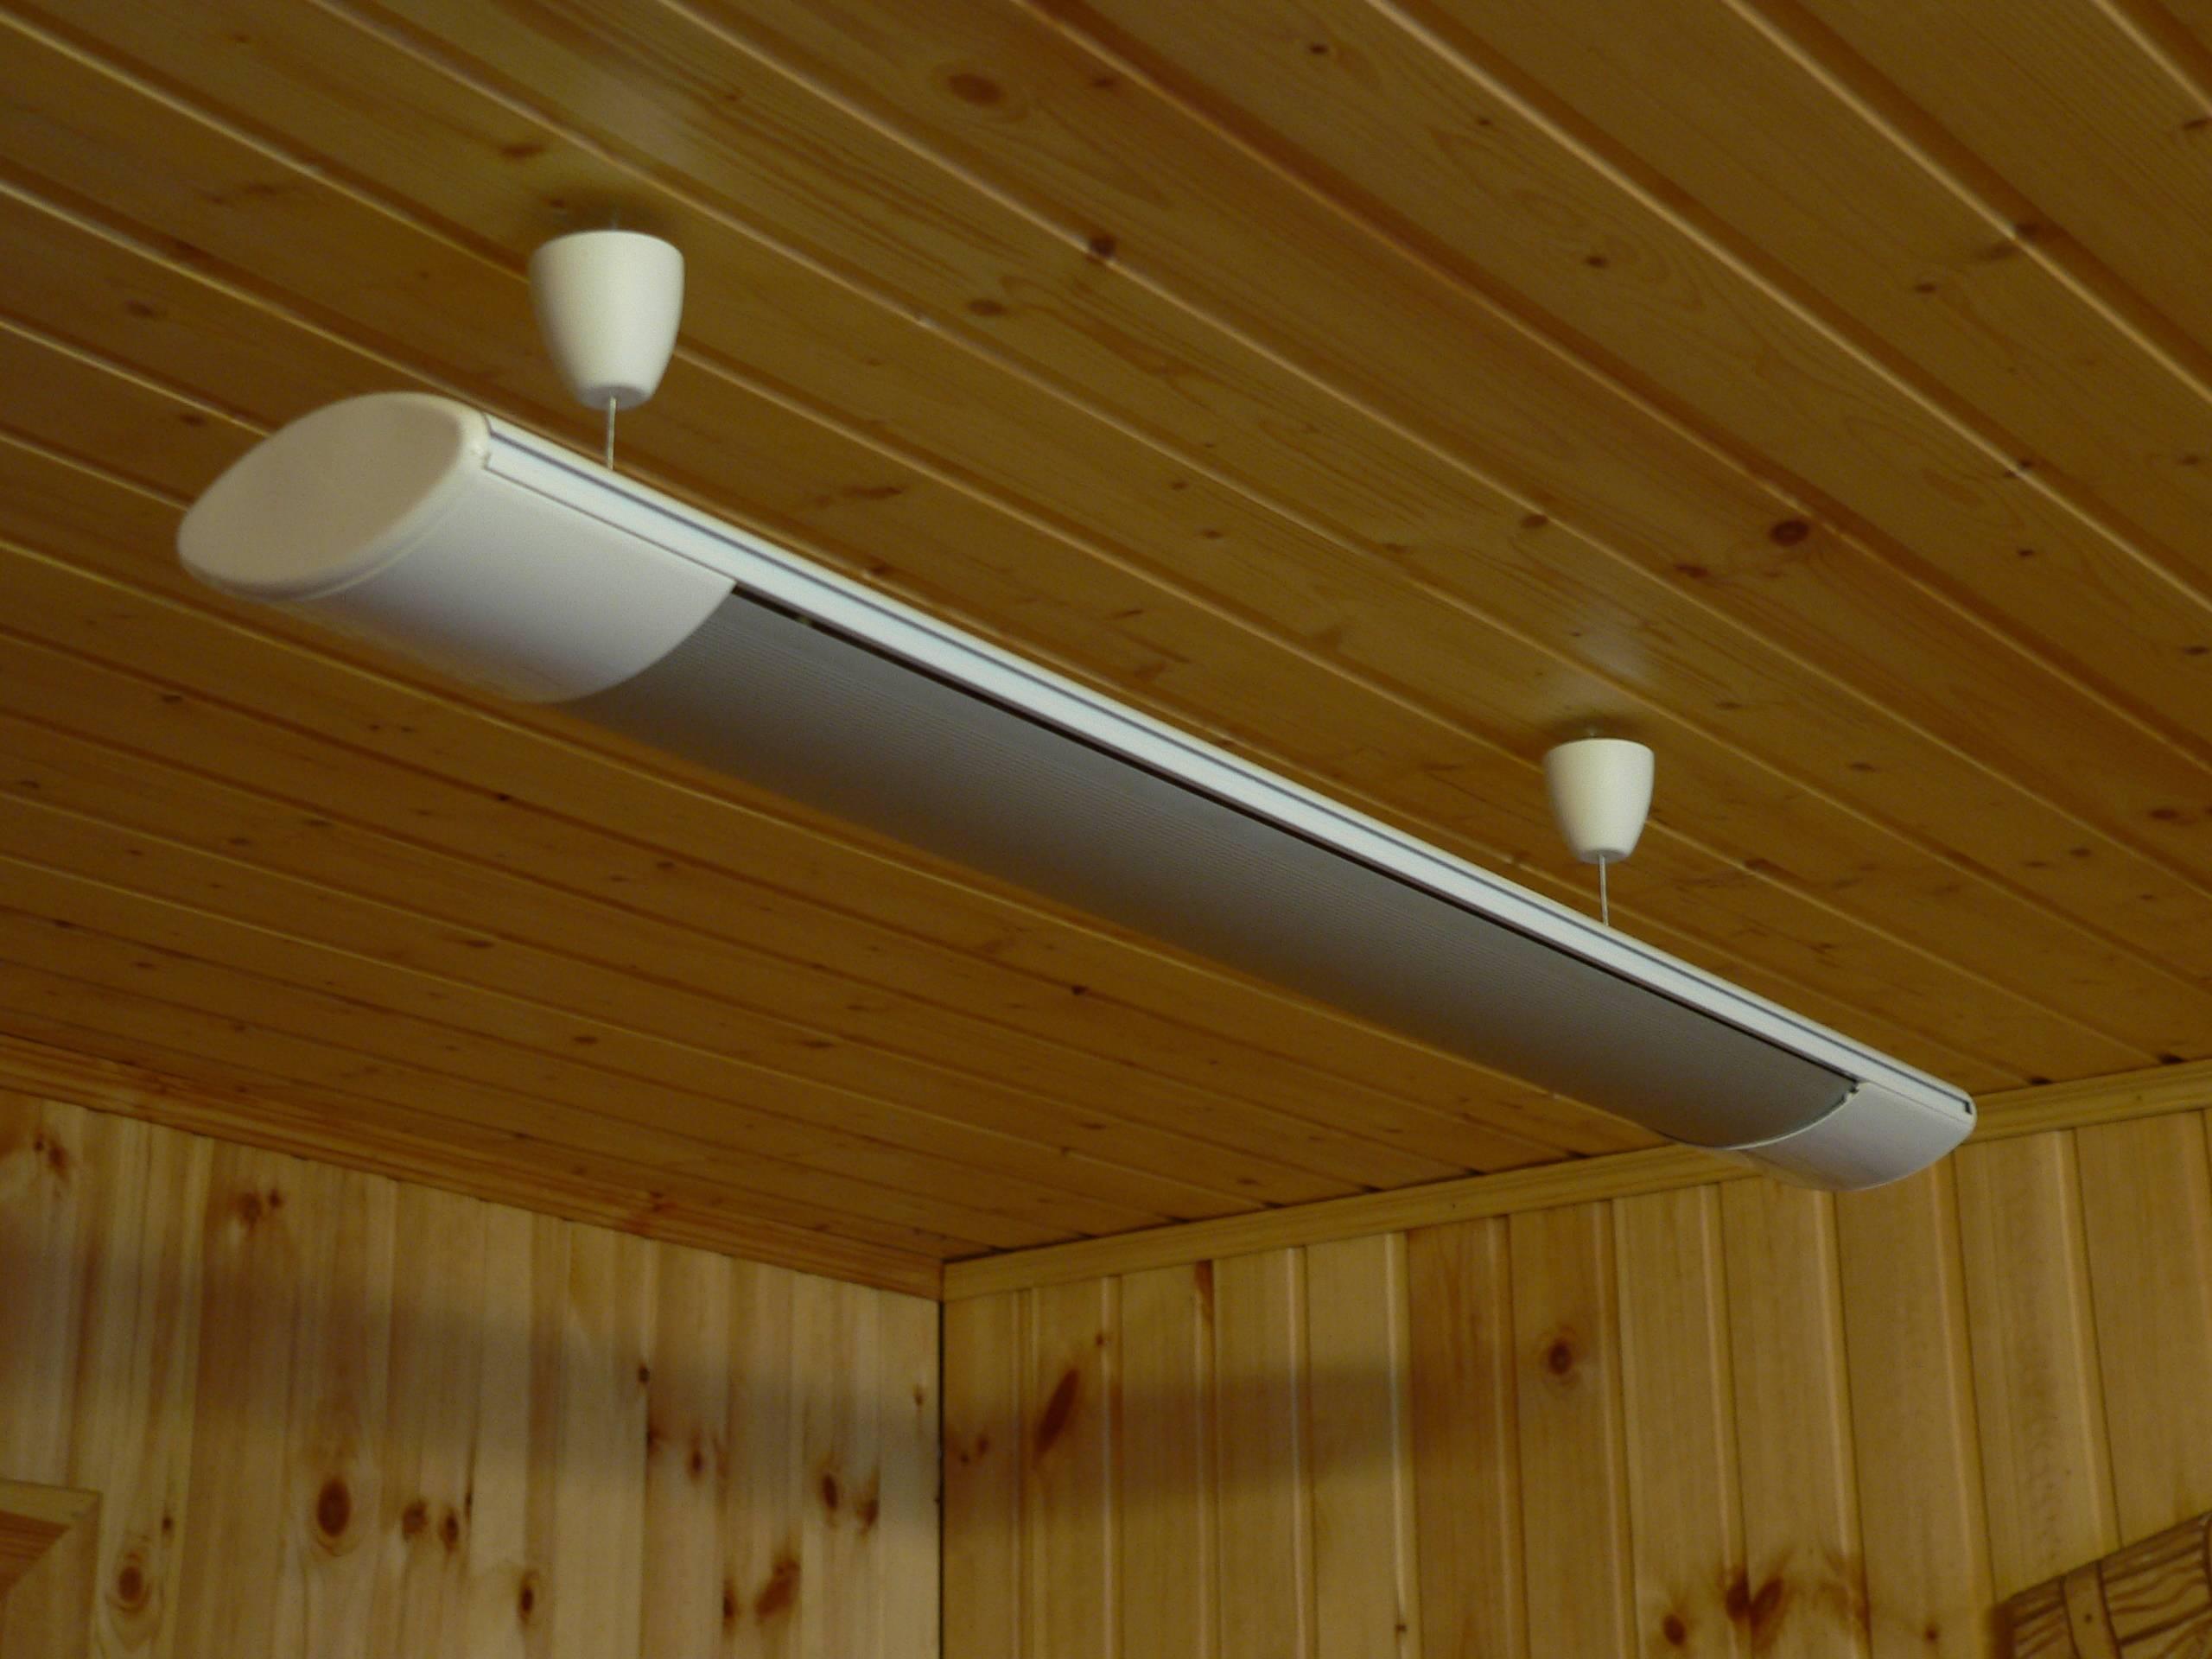 Инфракрасный обогреватель (74 фото): электрические напольные и другие ик-обогреватели для дома. их принцип работы. отзывы пользователей